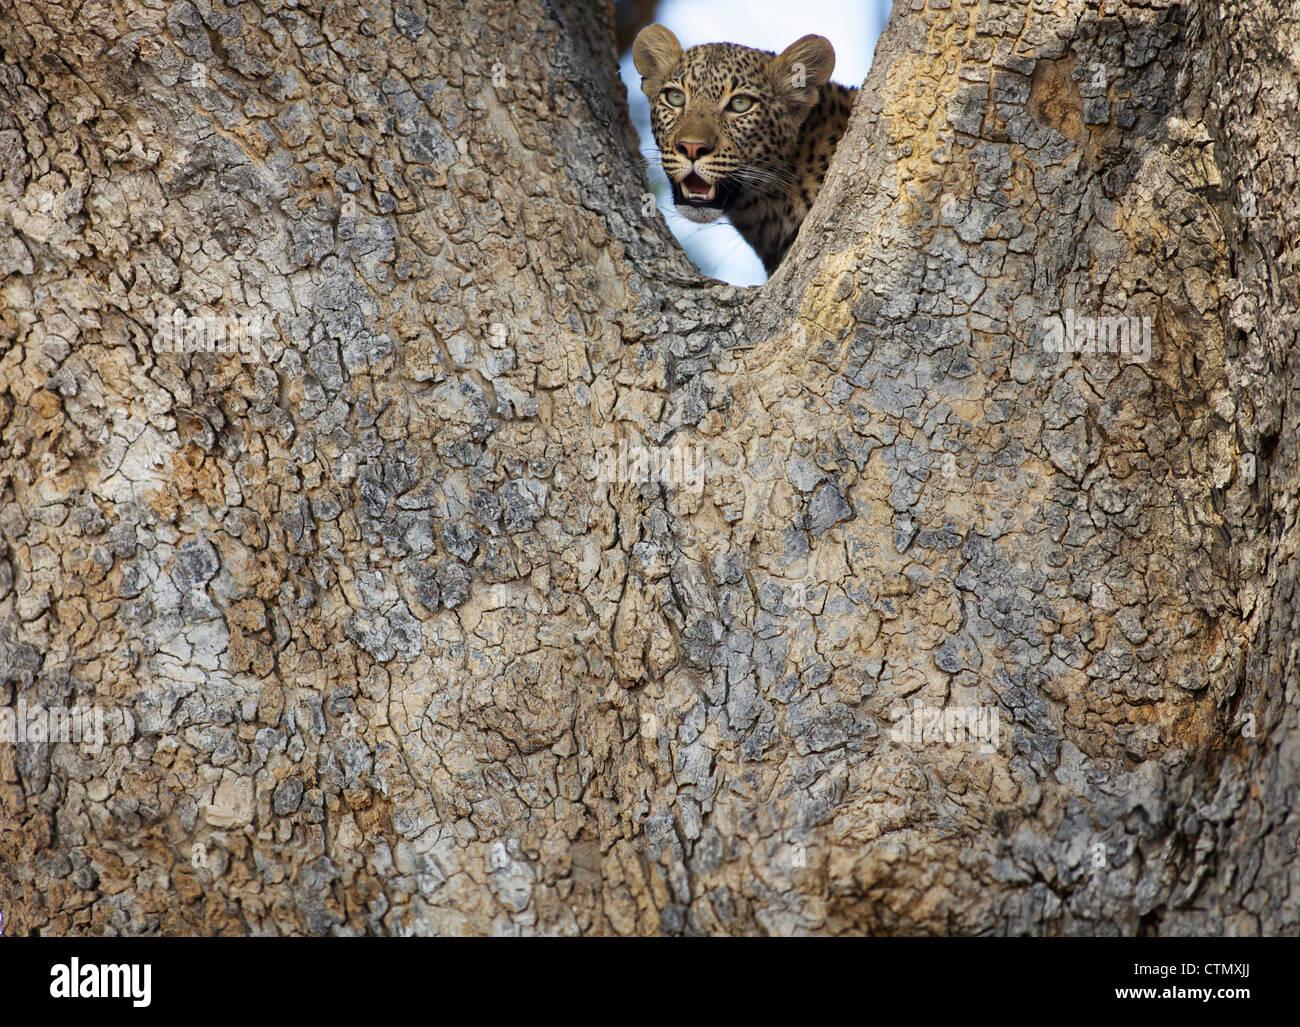 A Leopard in a tree, Okavango Delta, Botswana - Stock Image